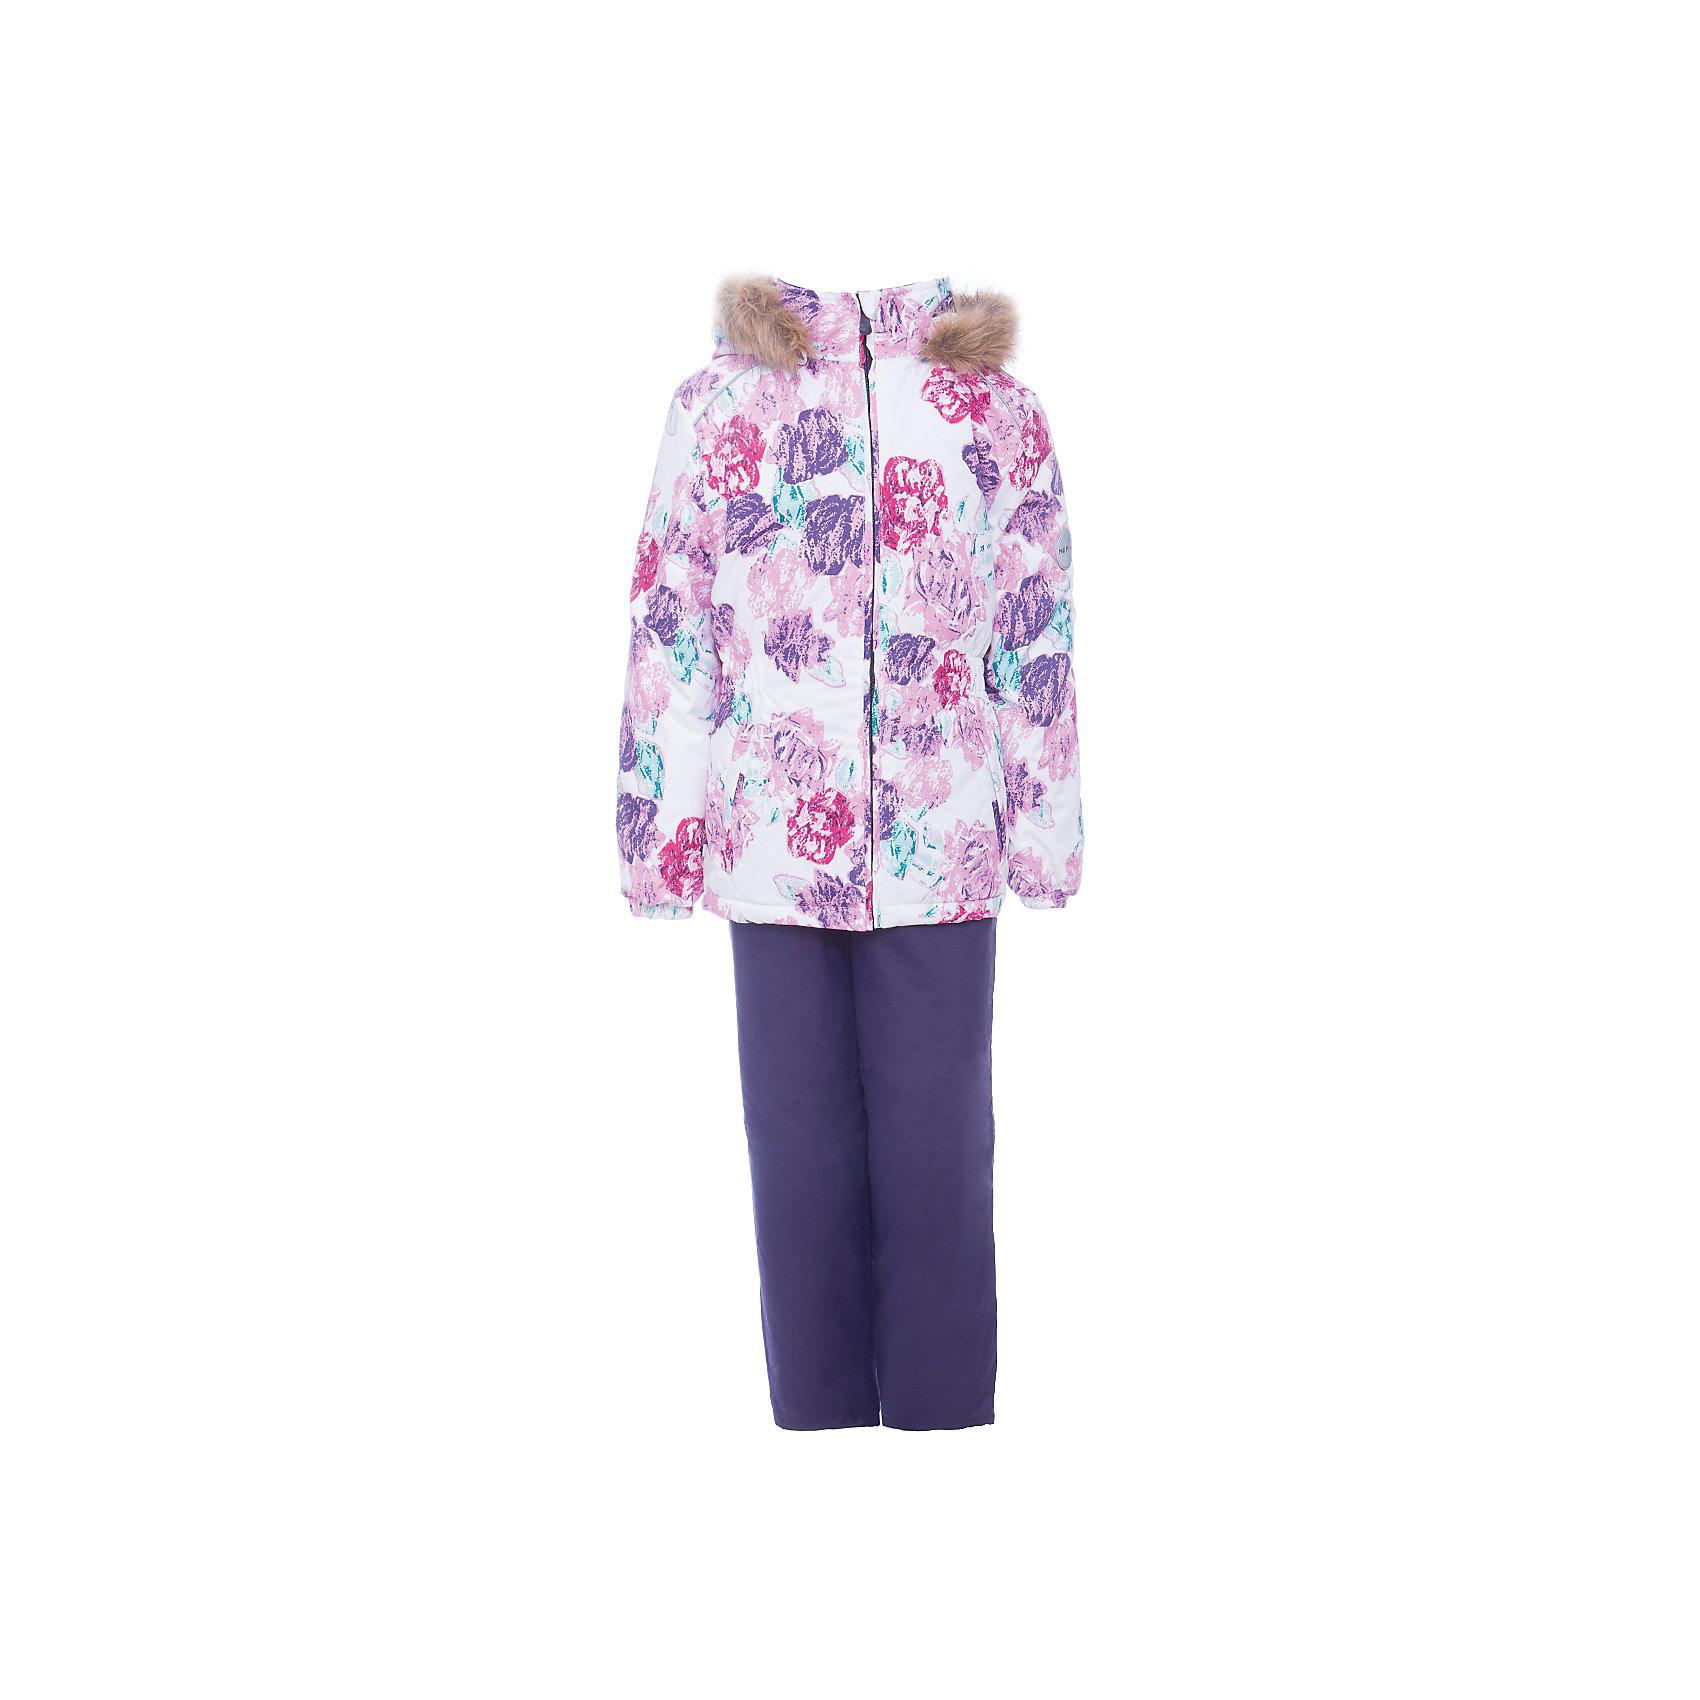 Комплект: куртка и брюки WONDER Huppa для девочкиВерхняя одежда<br>Комплект для девочек WONDER.Водо и воздухонепроницаемость  10 000.Утеплитель 300 гр куртка/160 гр брюки.Подкладка тафта, флис 100% полиэстер.Отстегивающийся капюшон с мехом.Манжеты рукавов на резинке.Регулируемые низы.Внутренняя снегозащита брюк.Швы проклеены.Резиновые подтяжки.Имеются светоотражательные элементы.<br>Состав:<br>100% Полиэстер<br><br>Ширина мм: 356<br>Глубина мм: 10<br>Высота мм: 245<br>Вес г: 519<br>Цвет: белый<br>Возраст от месяцев: 84<br>Возраст до месяцев: 96<br>Пол: Женский<br>Возраст: Детский<br>Размер: 128,134,140,92,98,104,110,116,122<br>SKU: 7027058